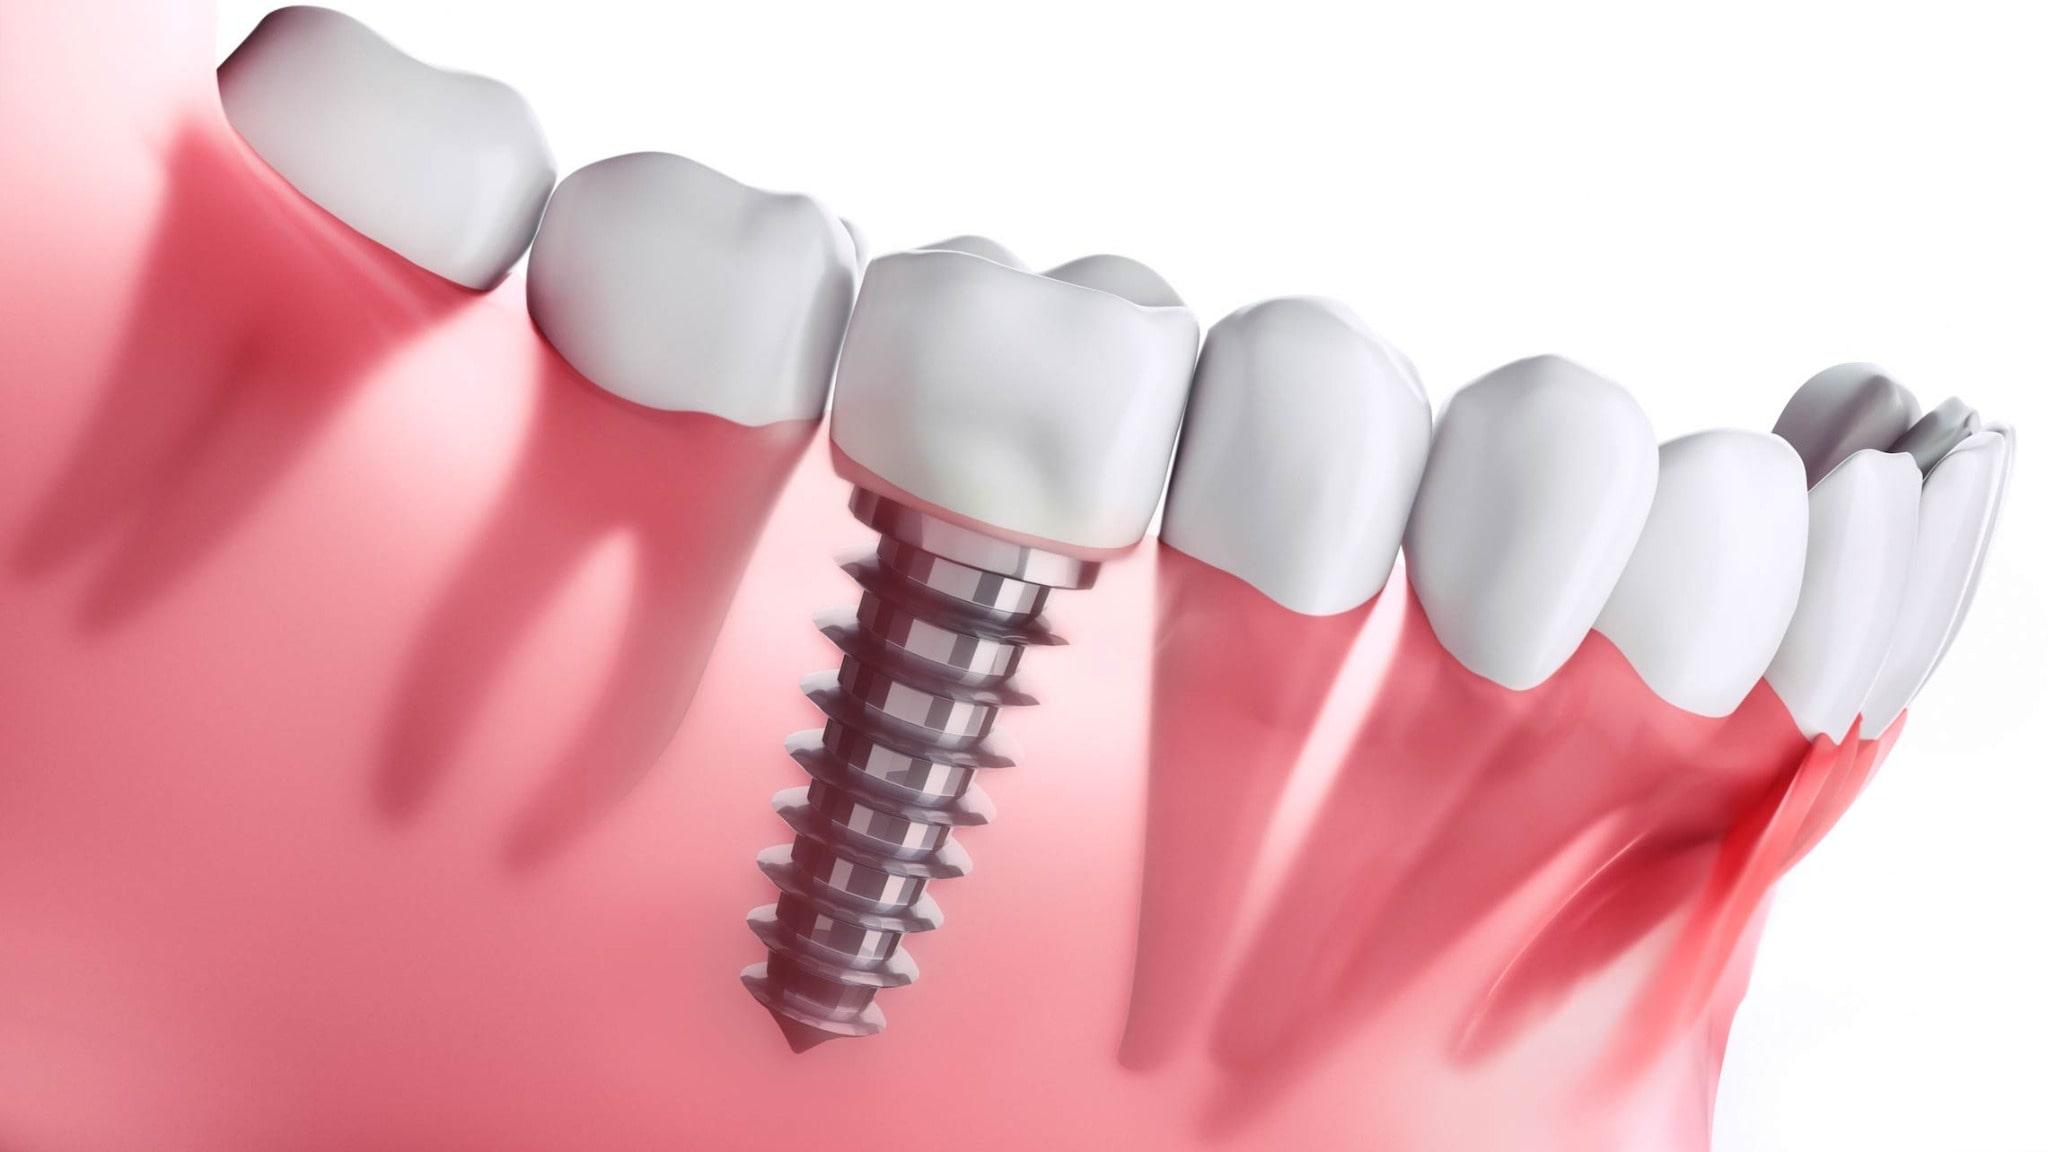 Dental implant using titanium screw.